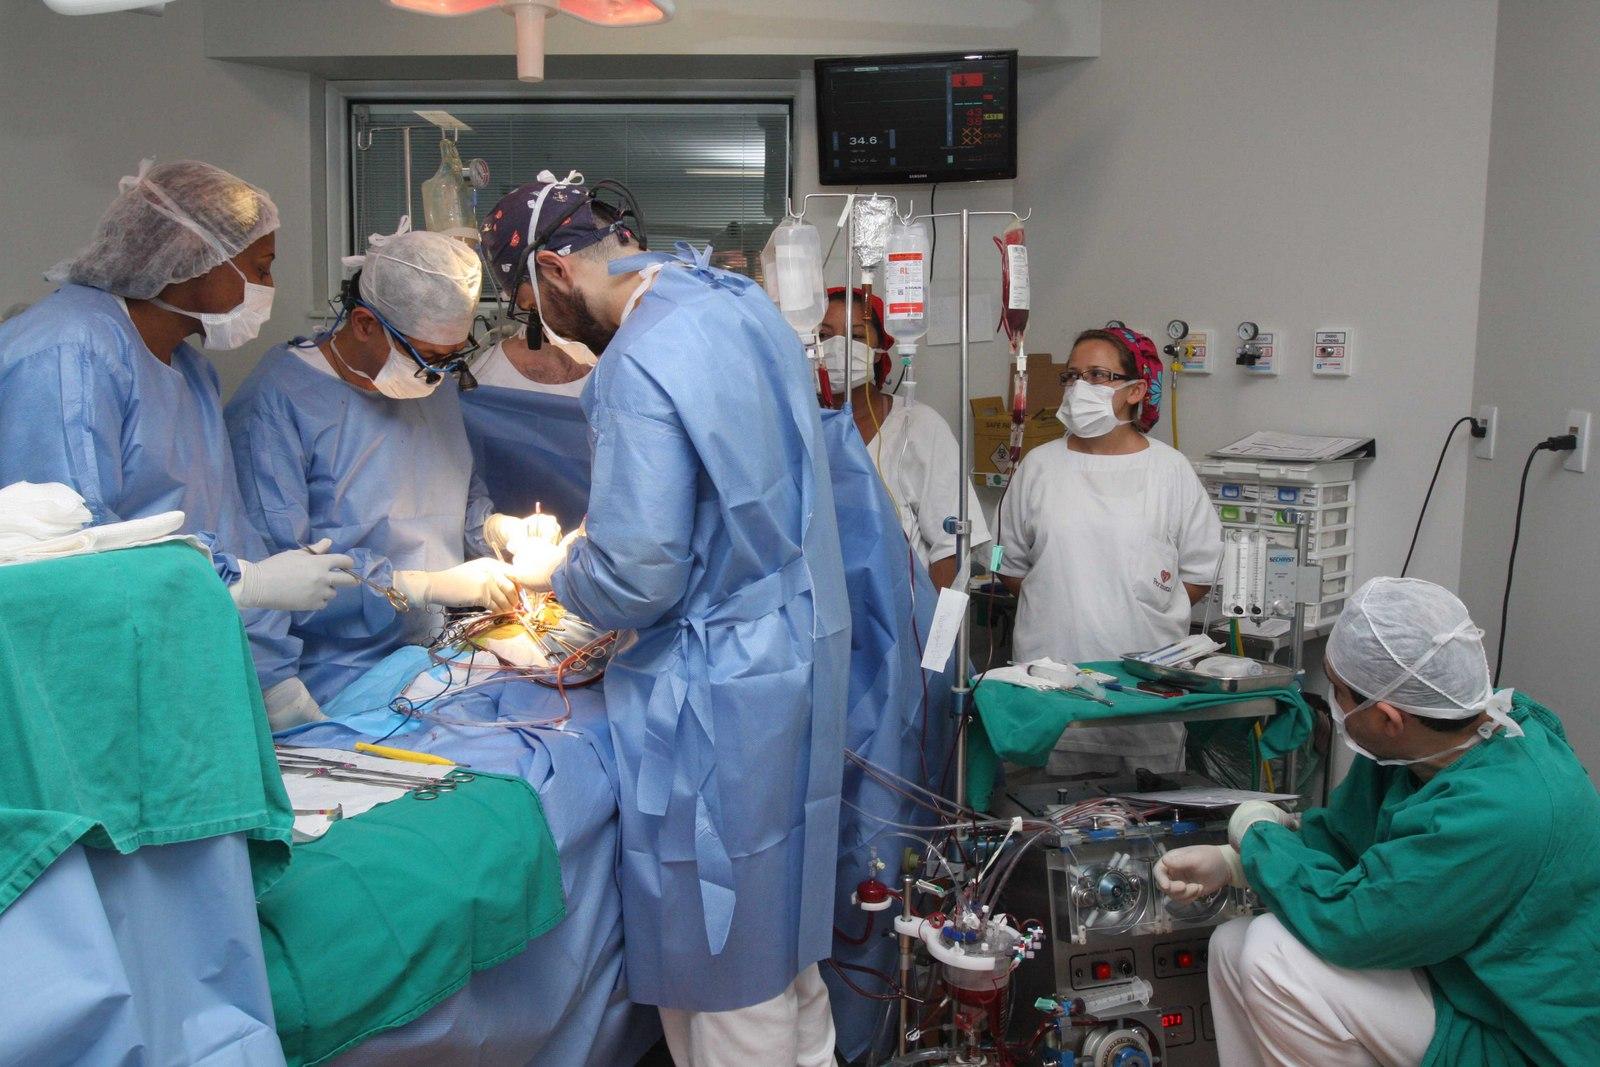 Saúde - Geral - Transplantes de órgãos cirurgia